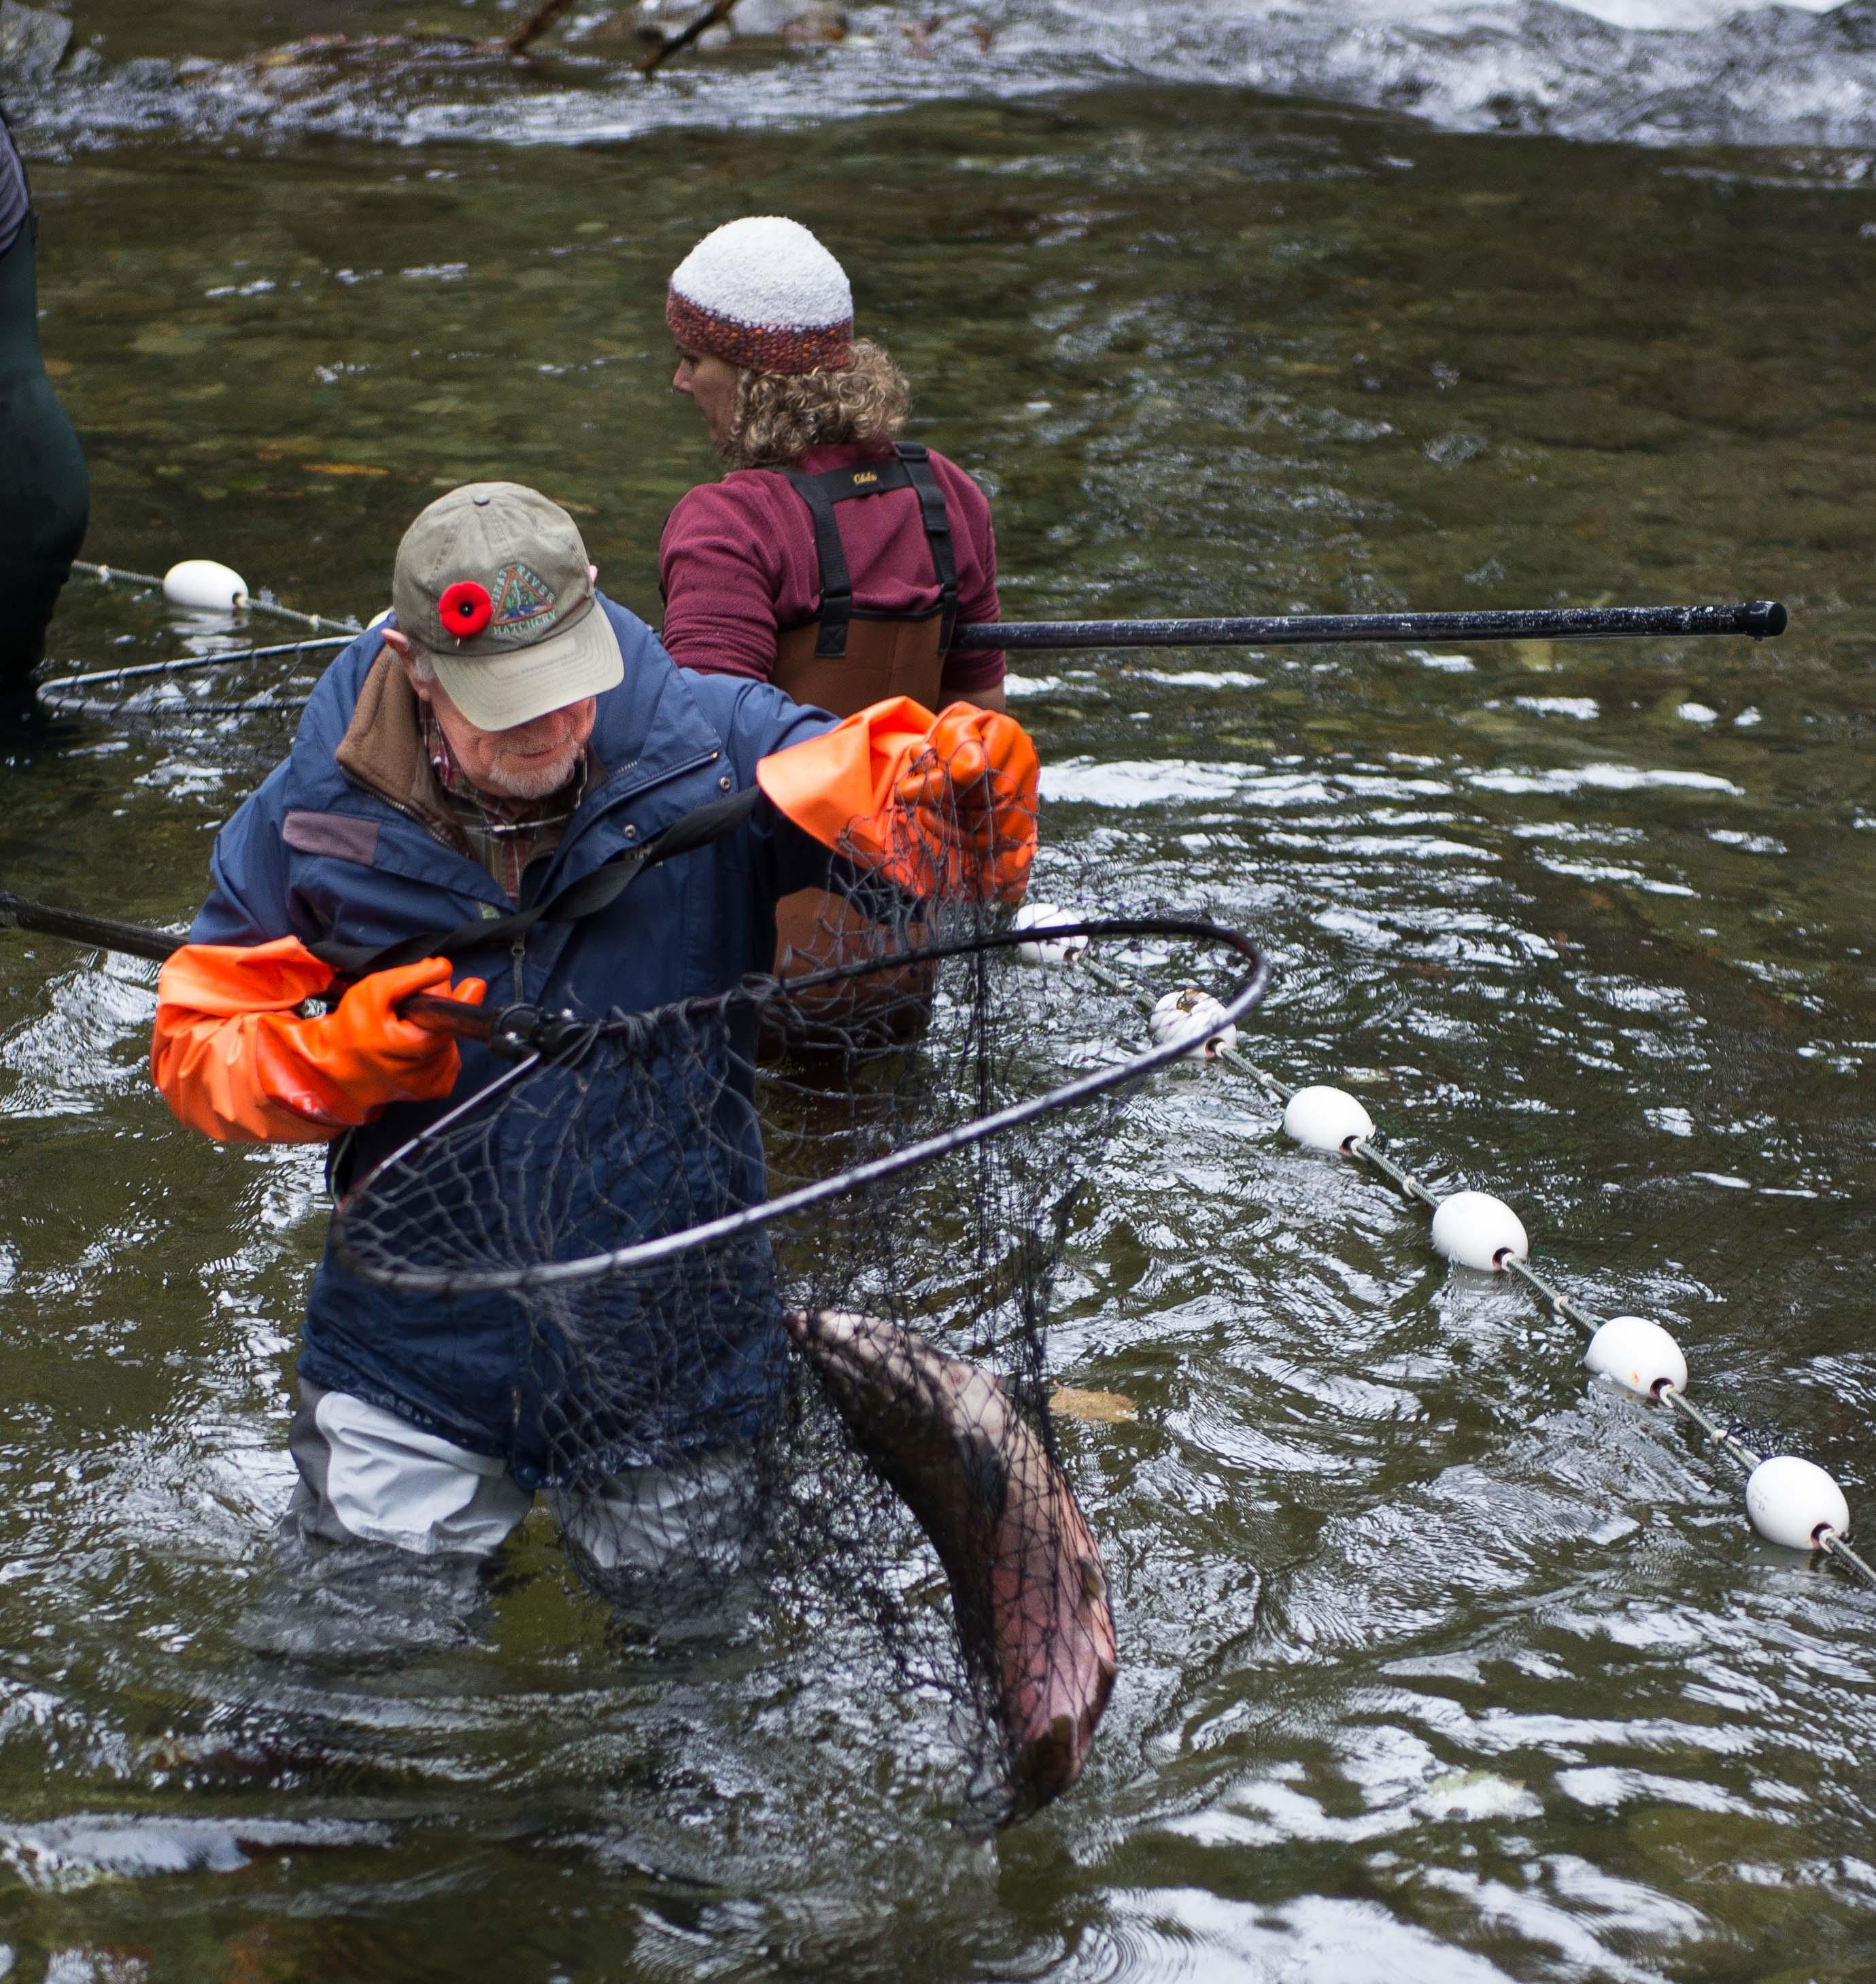 Goldstream fish hatchery victoria golden rods and reels for Fish hatchery jobs